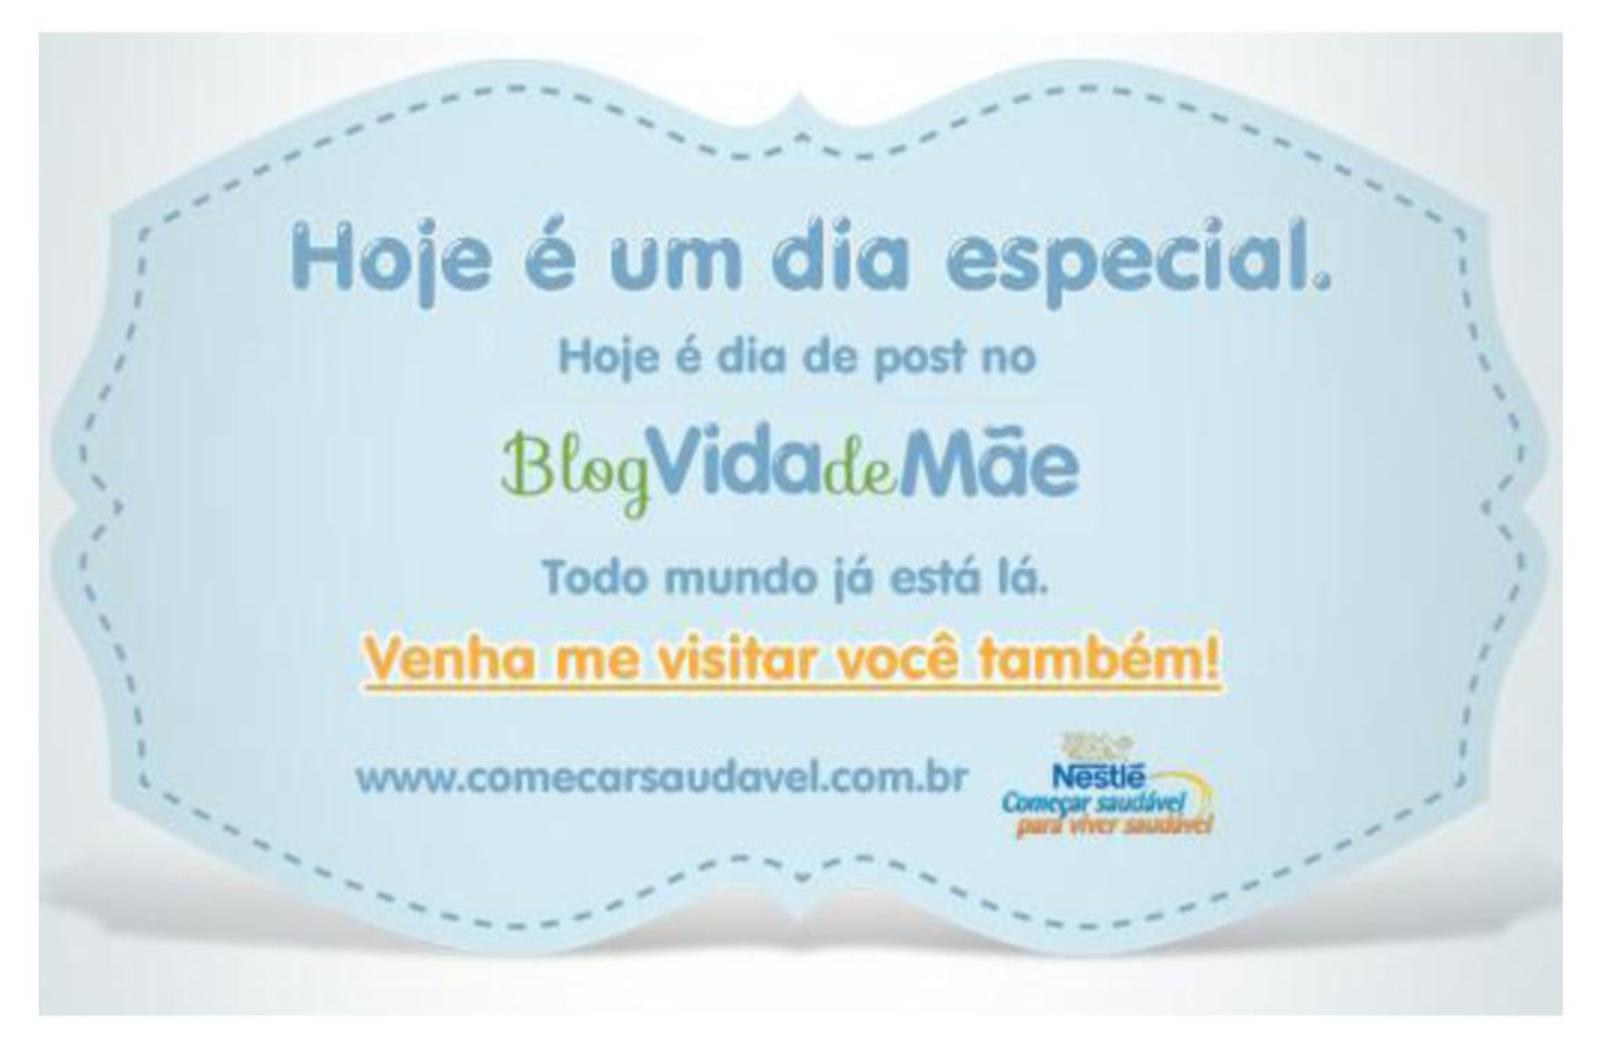 http://www.nestle.com.br/comecarsaudavel/para-a-mamae/blog/detalhe/14-10-09/Dia_das_Crian%C3%A7as_Parte_1.aspx